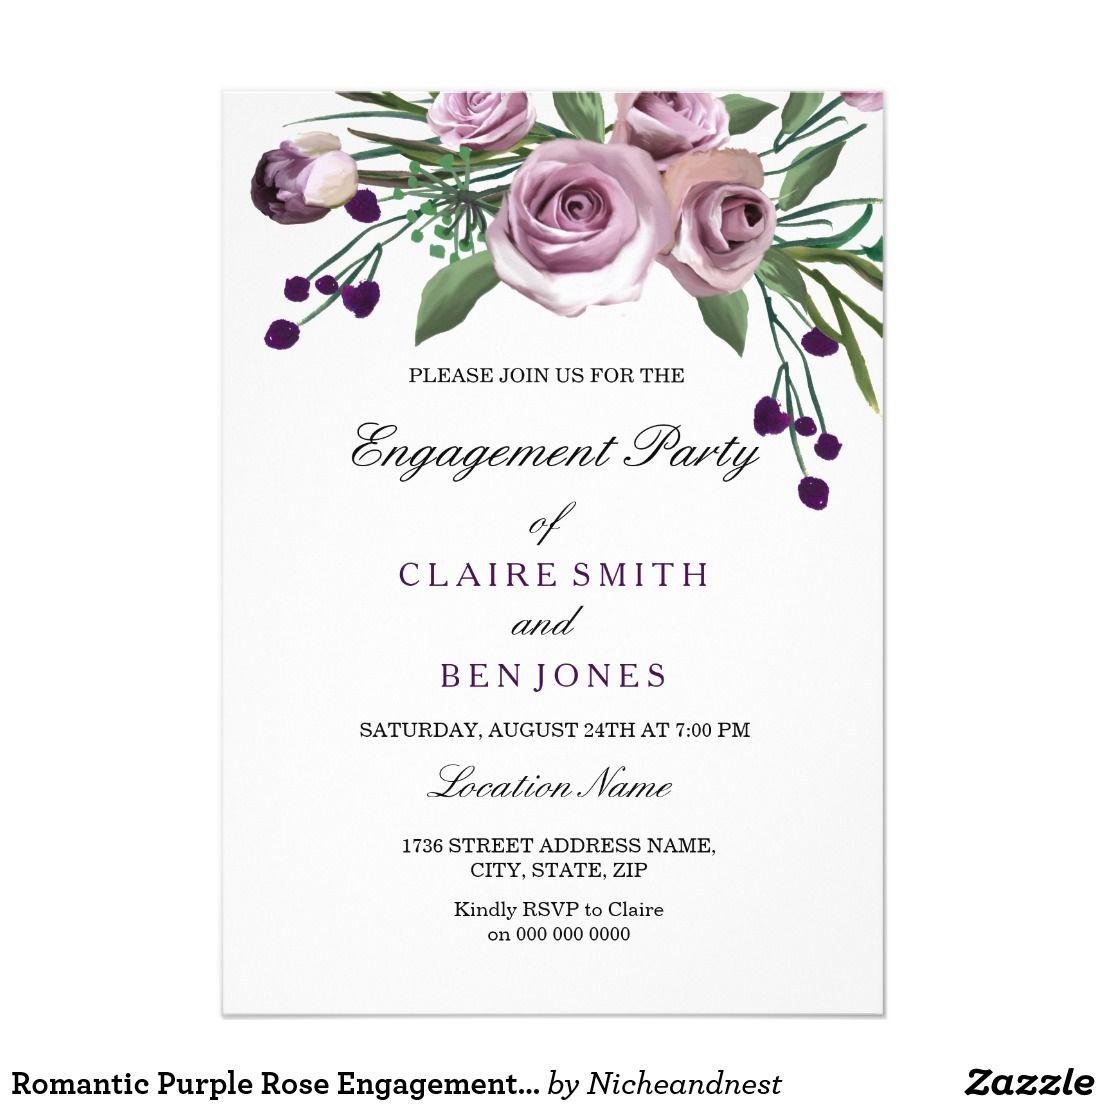 Romantic Purple Rose Engagement Party Invite | Pinterest ...